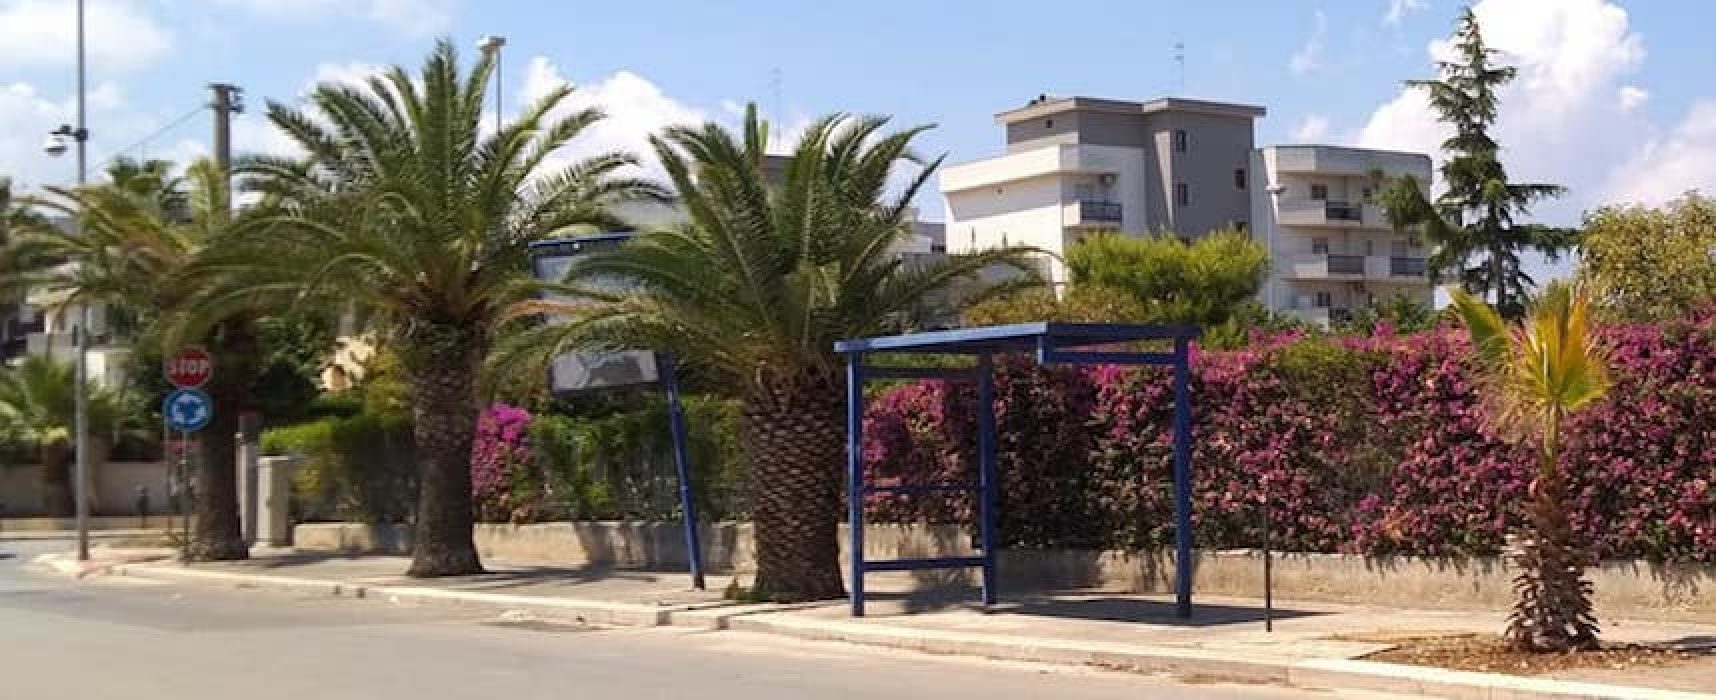 """Palme in via Sant'Andrea, Pro Natura: """"Esteticamente disastrose e marciapiedi impraticabili"""""""